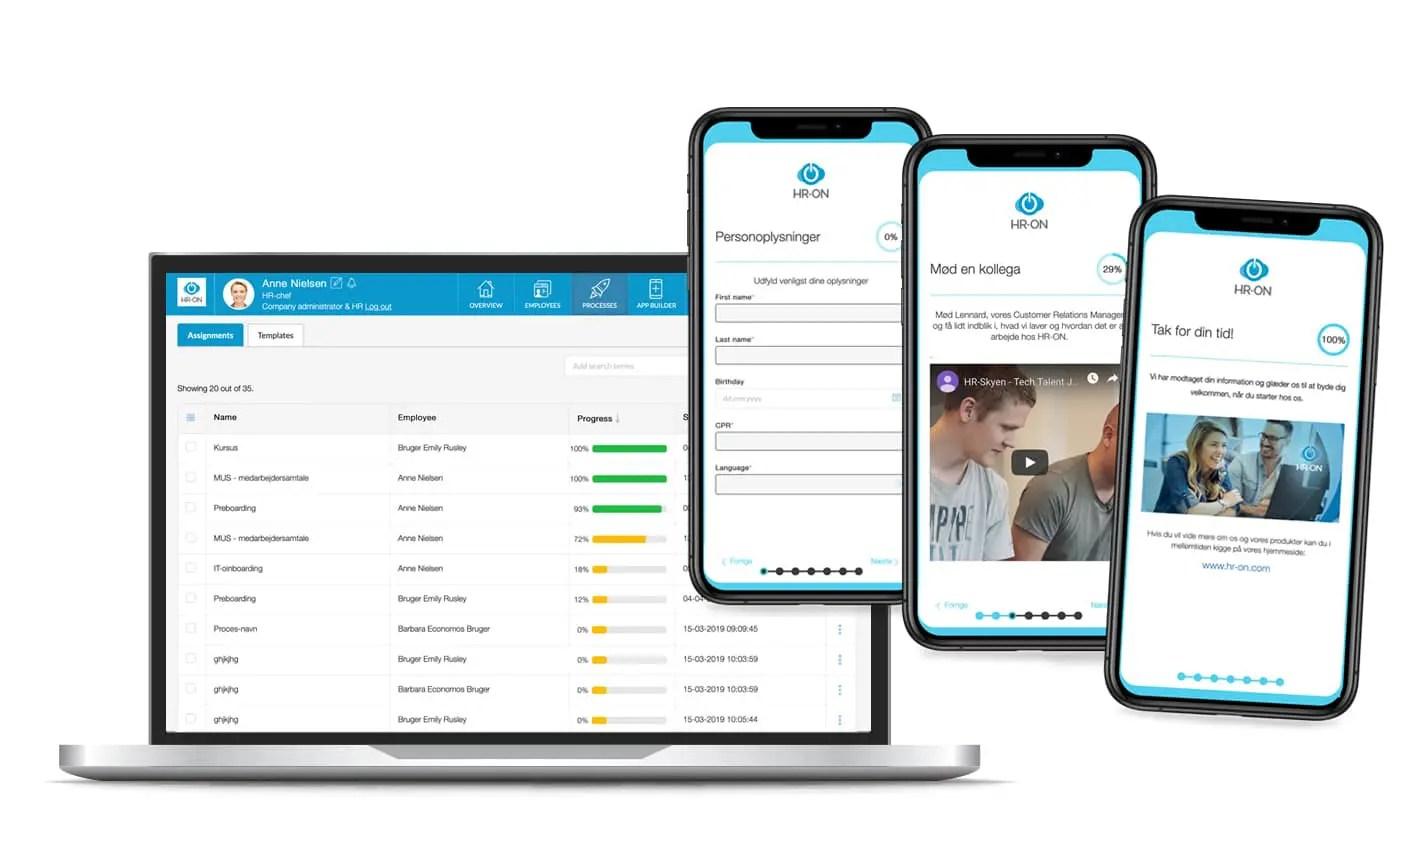 App Builder hjælper med at onboarde nye medarbejdere